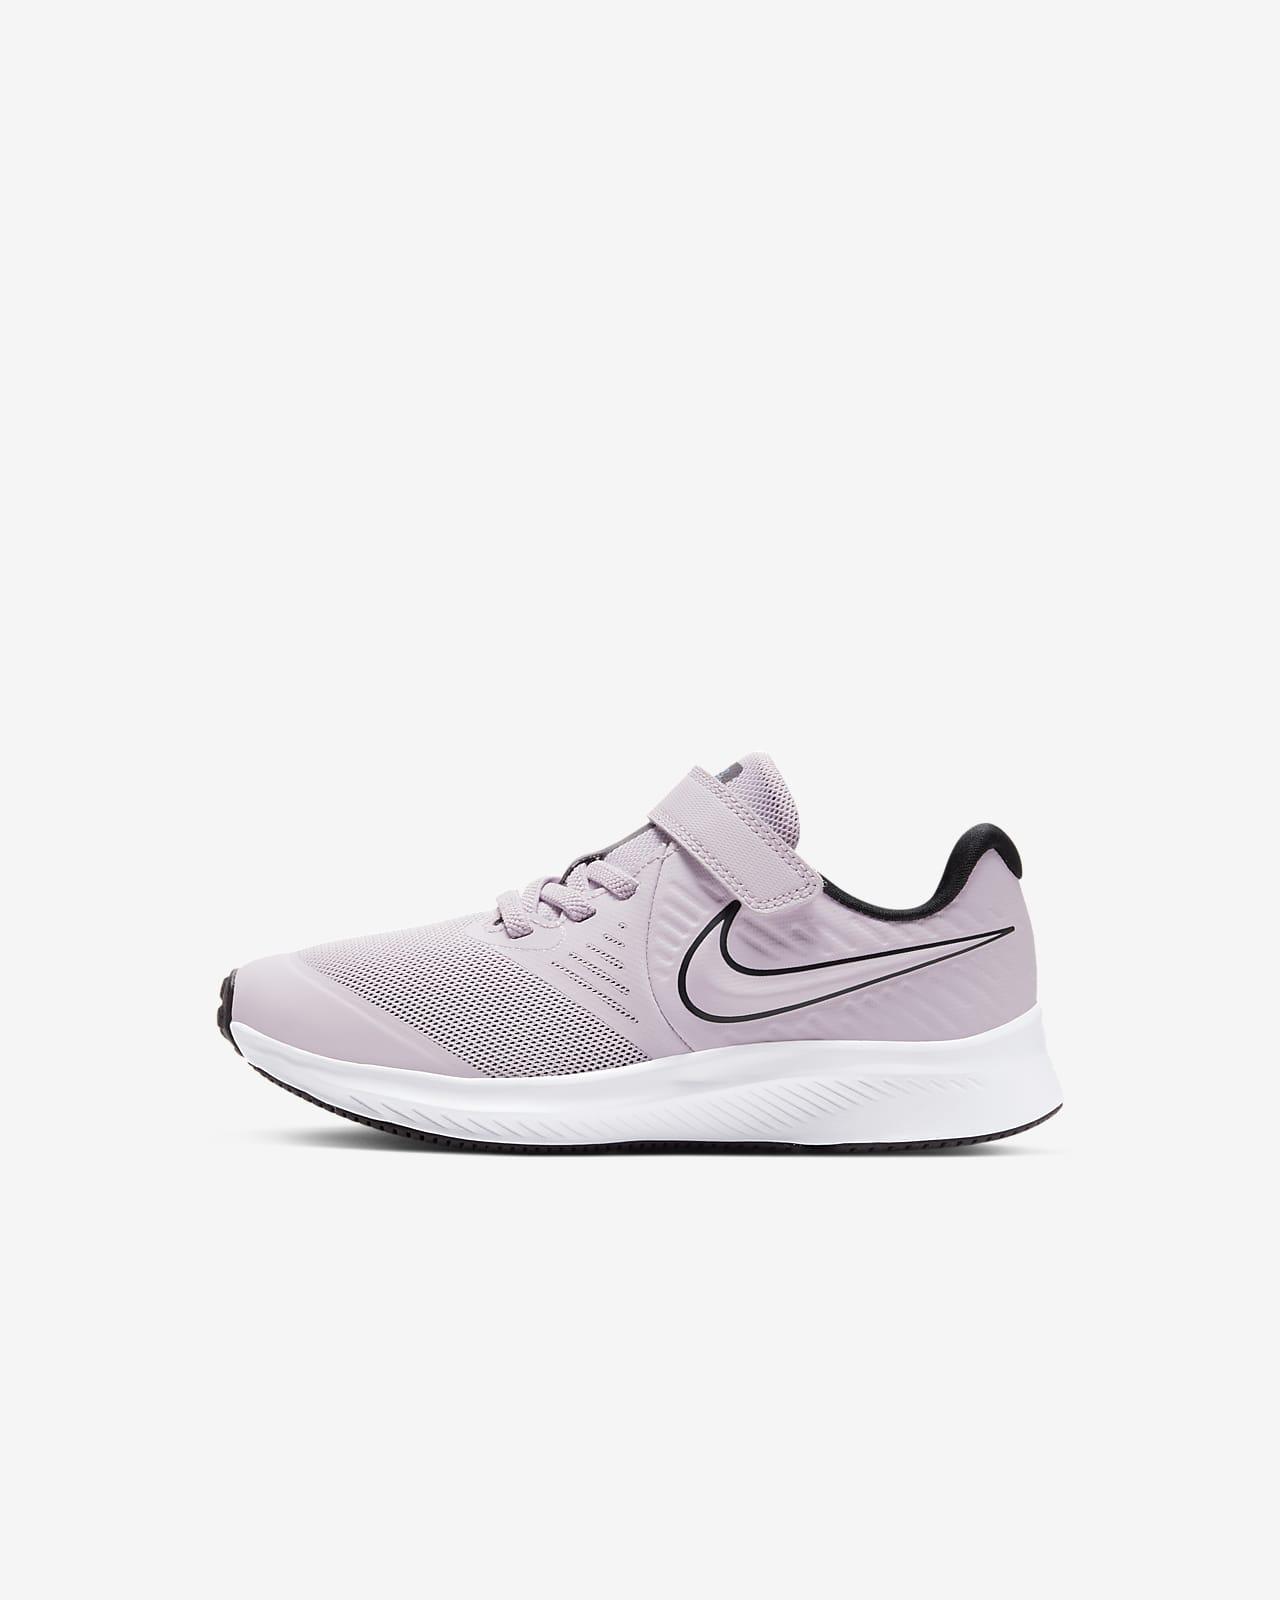 Παπούτσι Nike Star Runner 2 για μικρά παιδιά